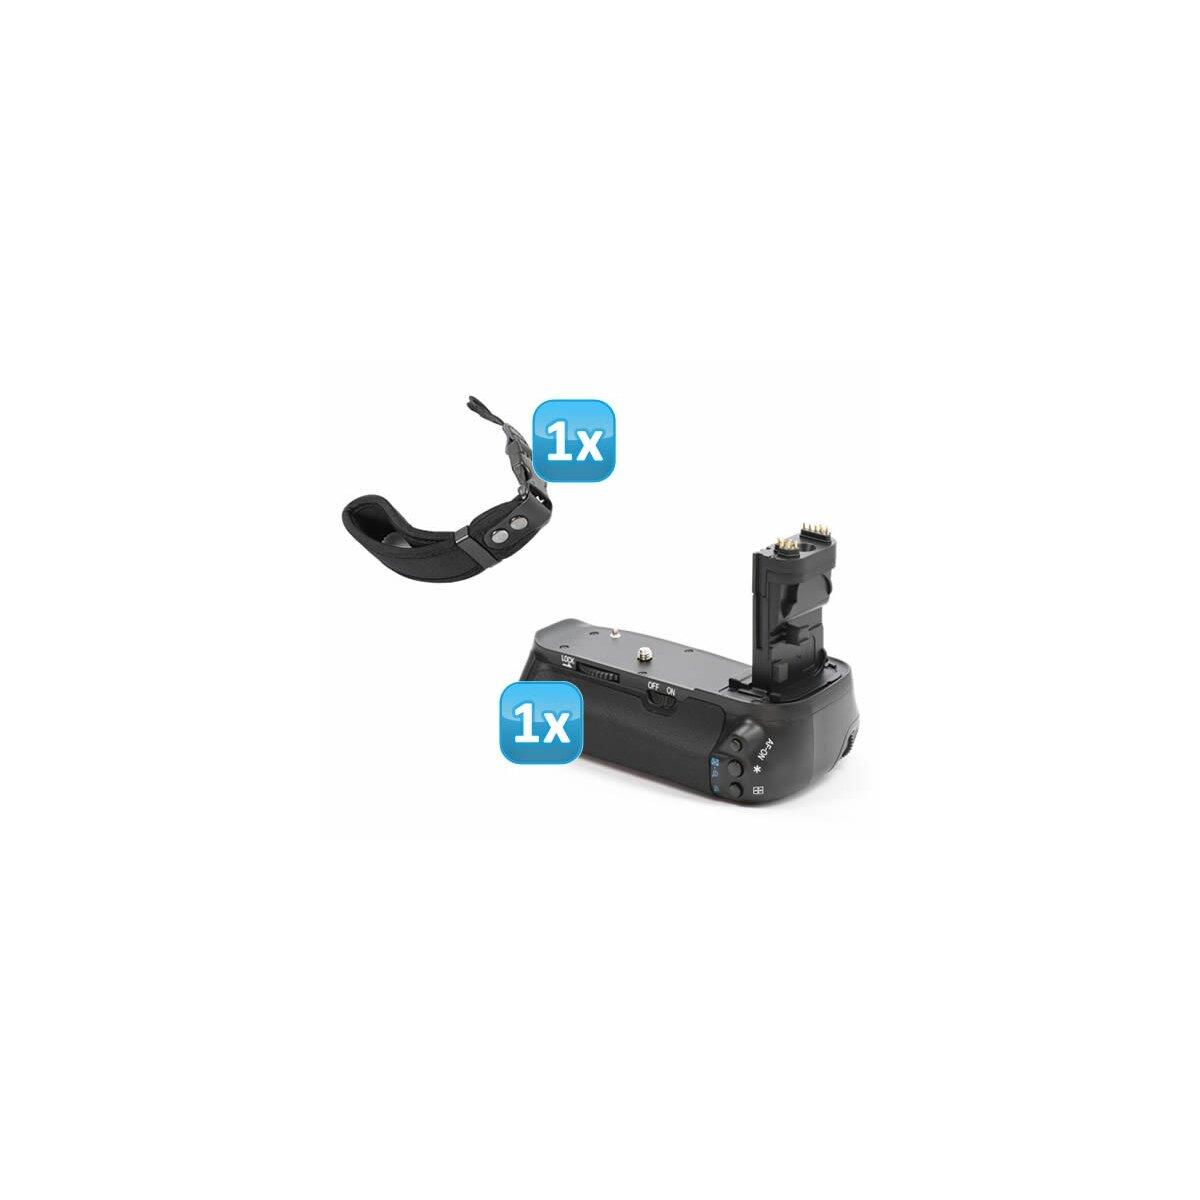 Minadax Profi Batteriegriff kompatibel mit Canon EOS 60D Ersatz für BG-E9 - für 2x LP-E6 und 6x AA Batterien + 1x Neopren Handgelenkschlaufe